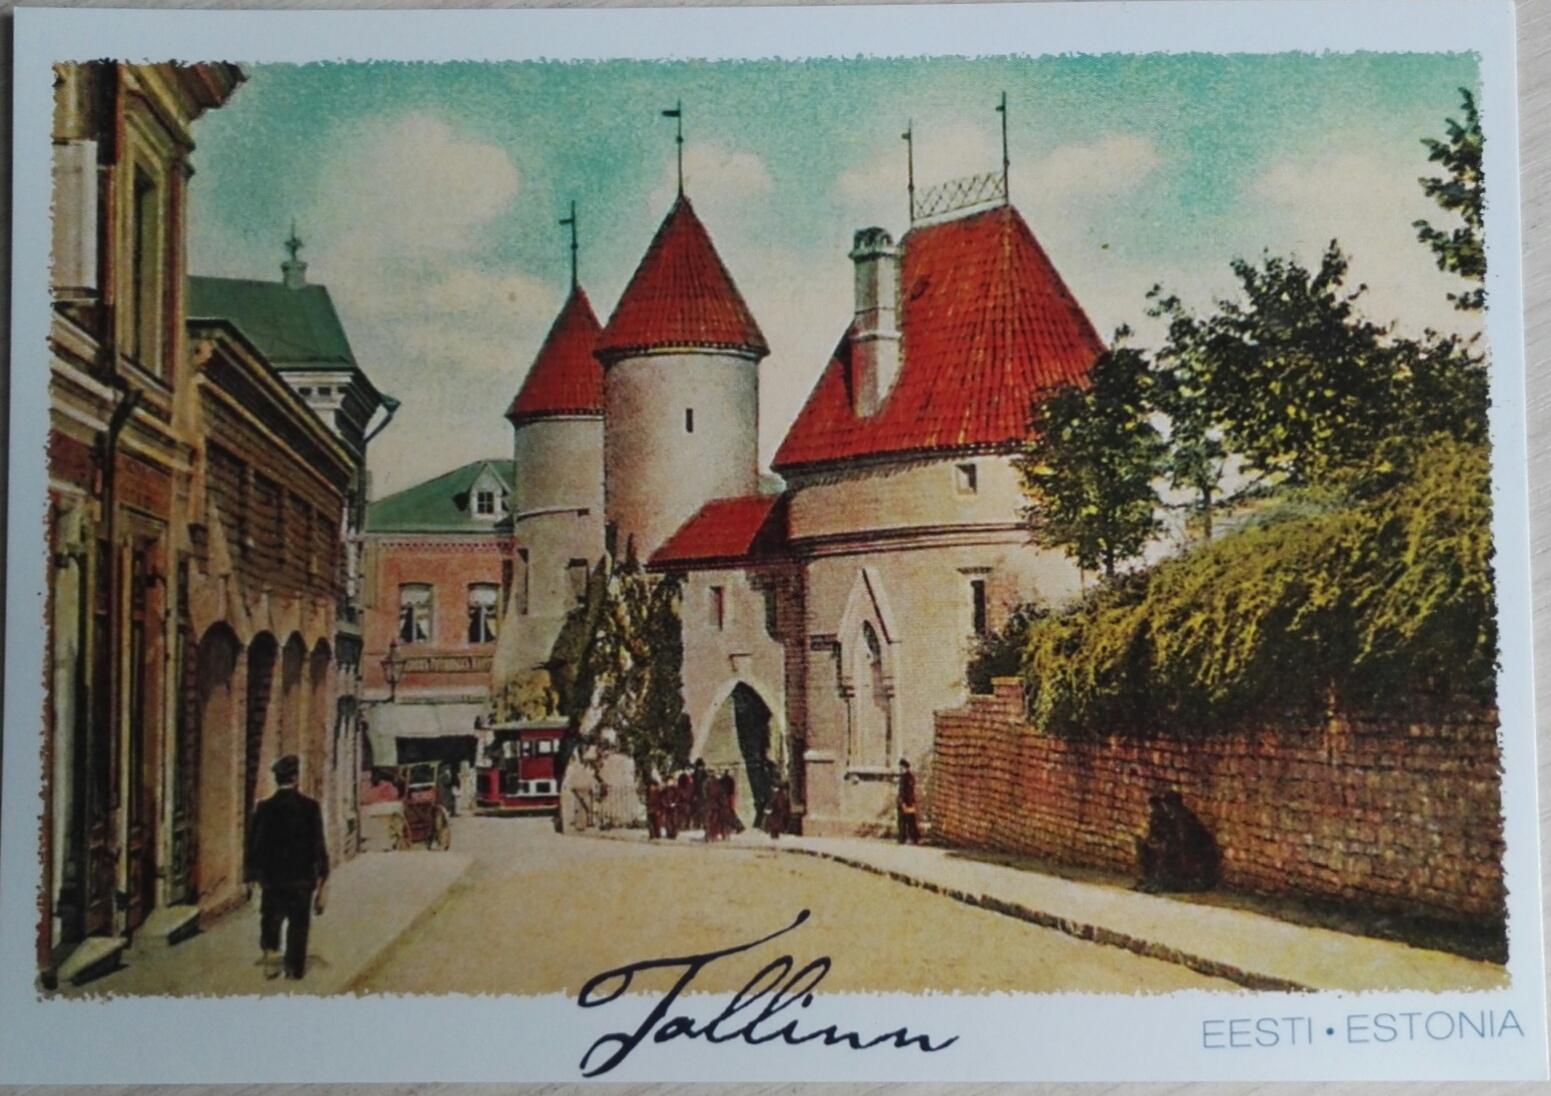 Гаишнику, эстонские открытки